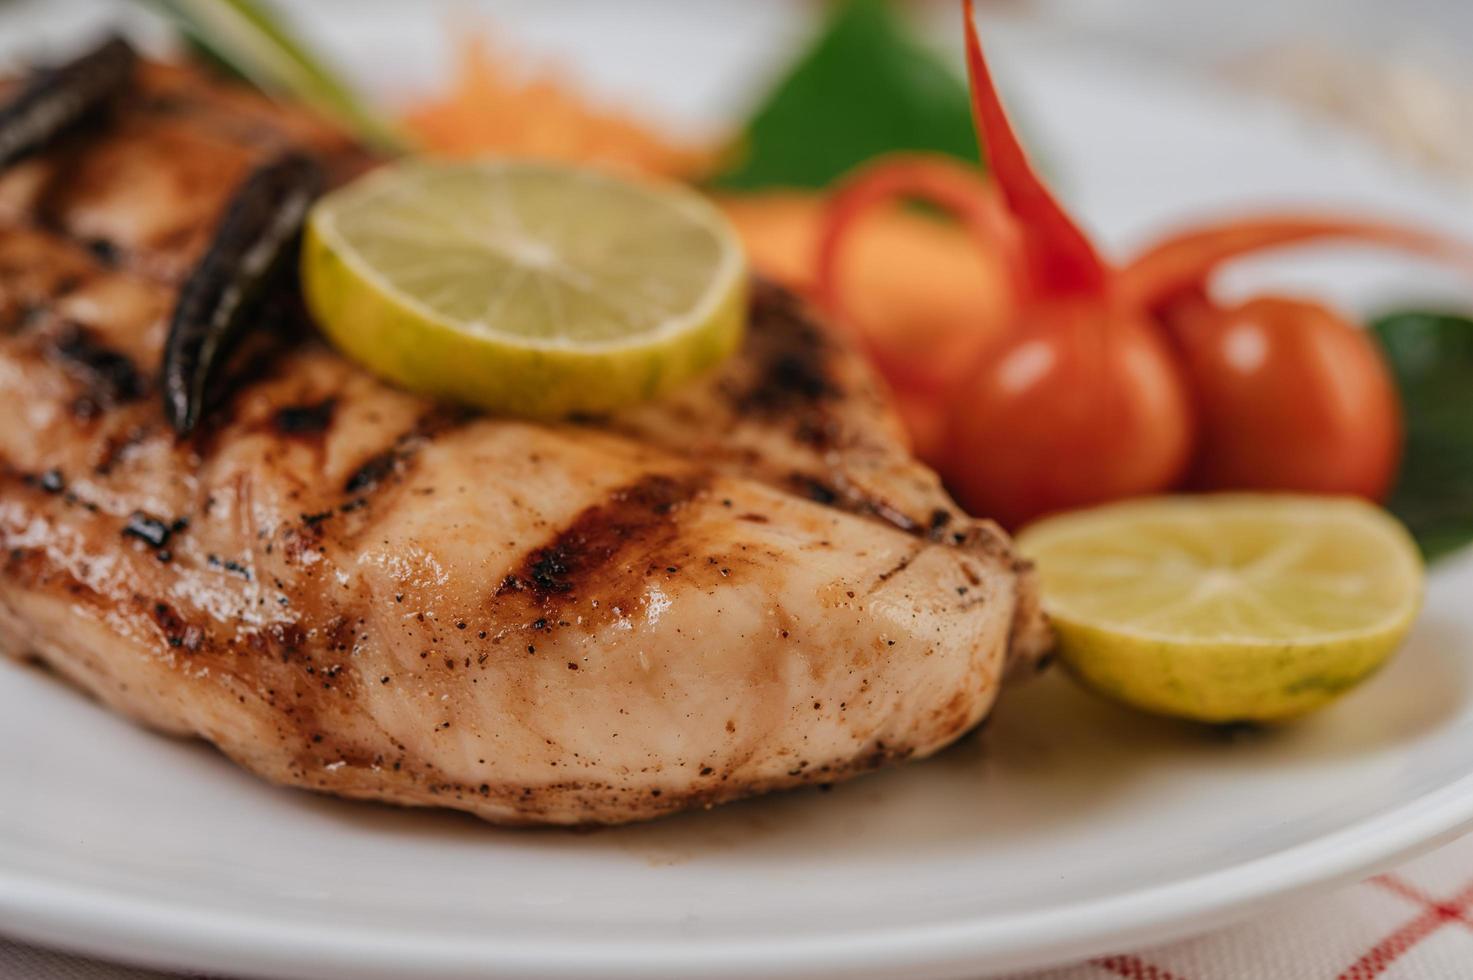 filete de pollo con verduras foto